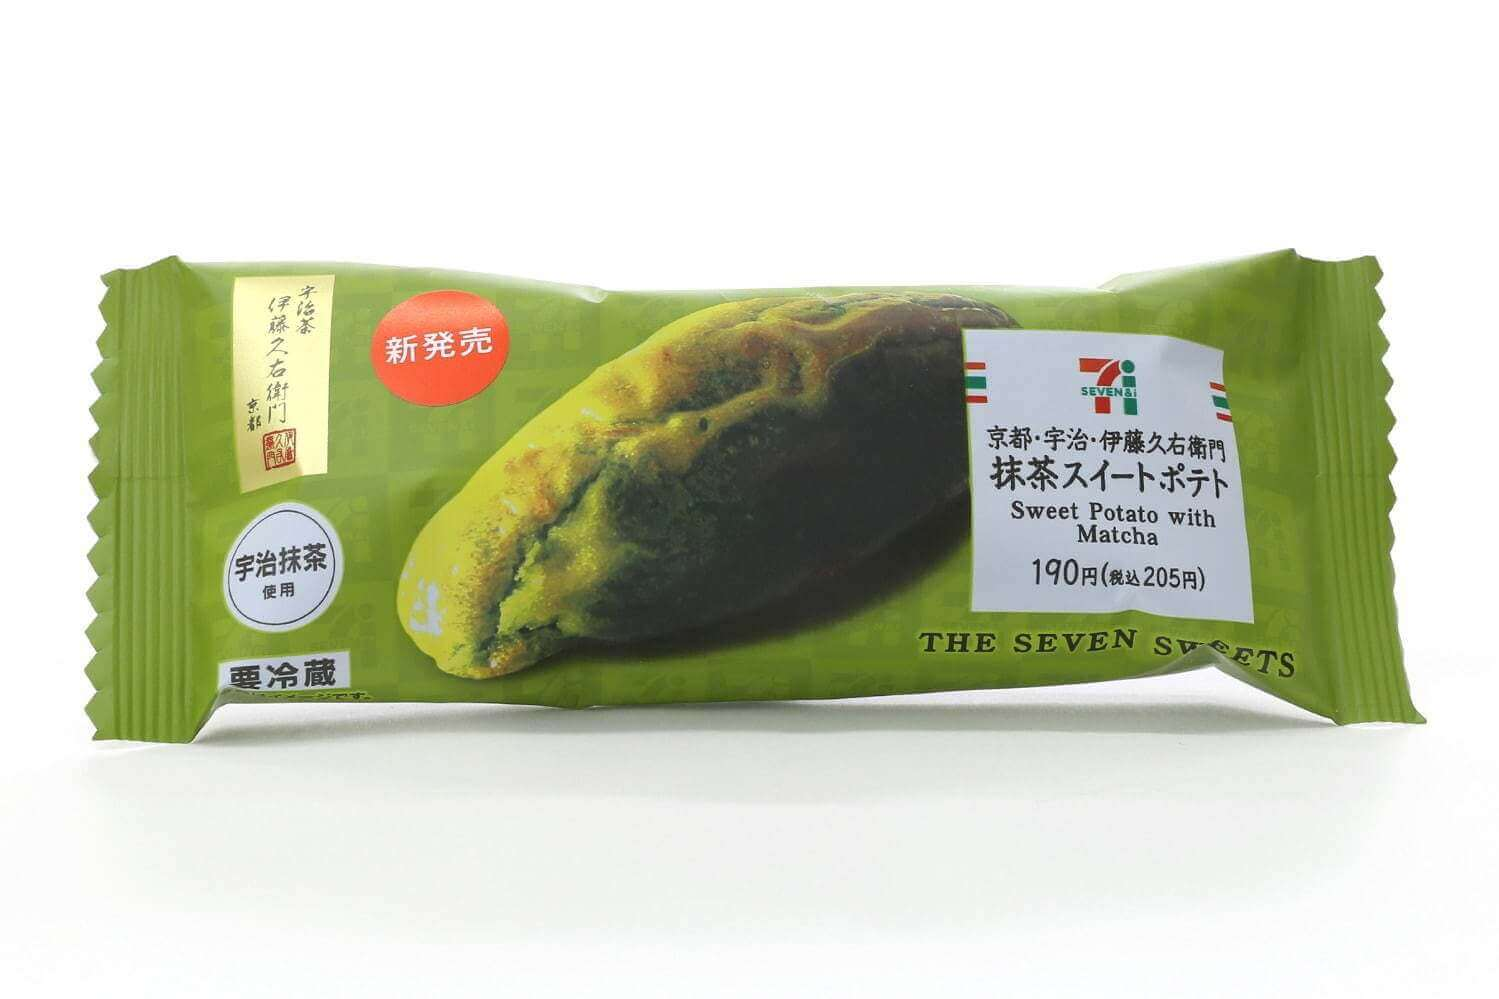 セブンイレブンの京都・宇治・伊藤久右衛門抹茶スイートポテト